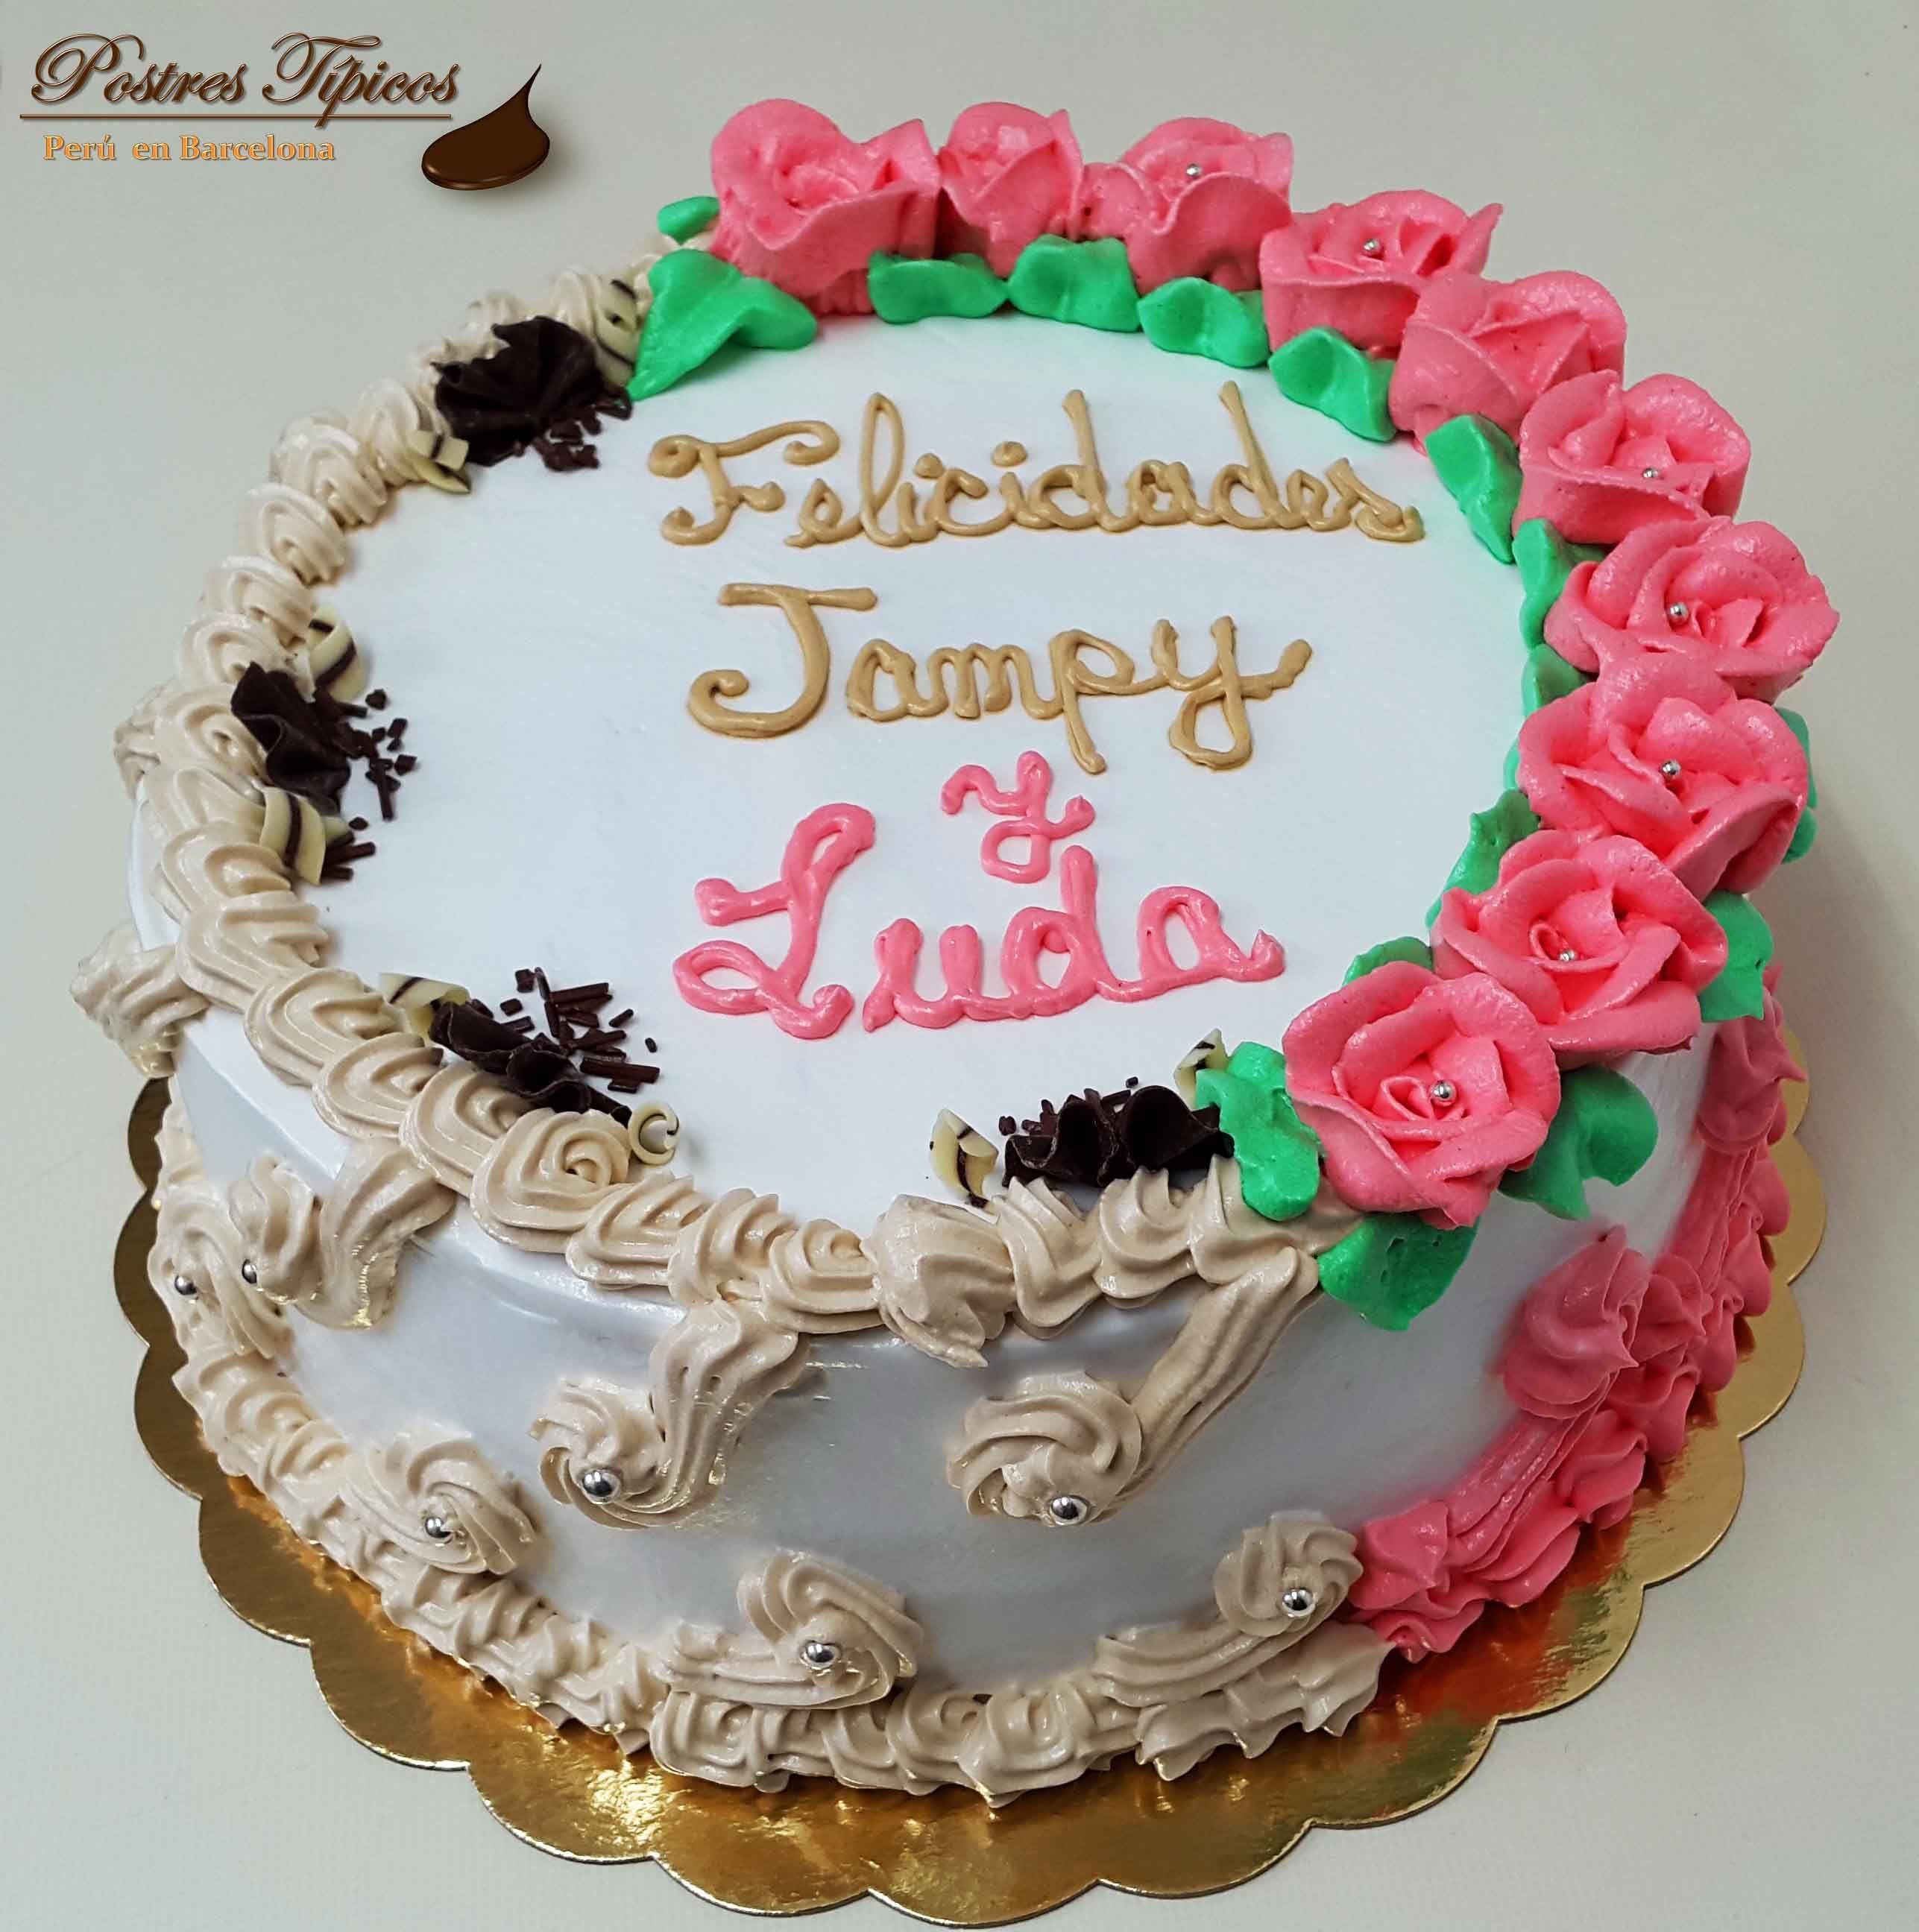 Torta con dos decoraciones distintas Pasteles y Tortas de